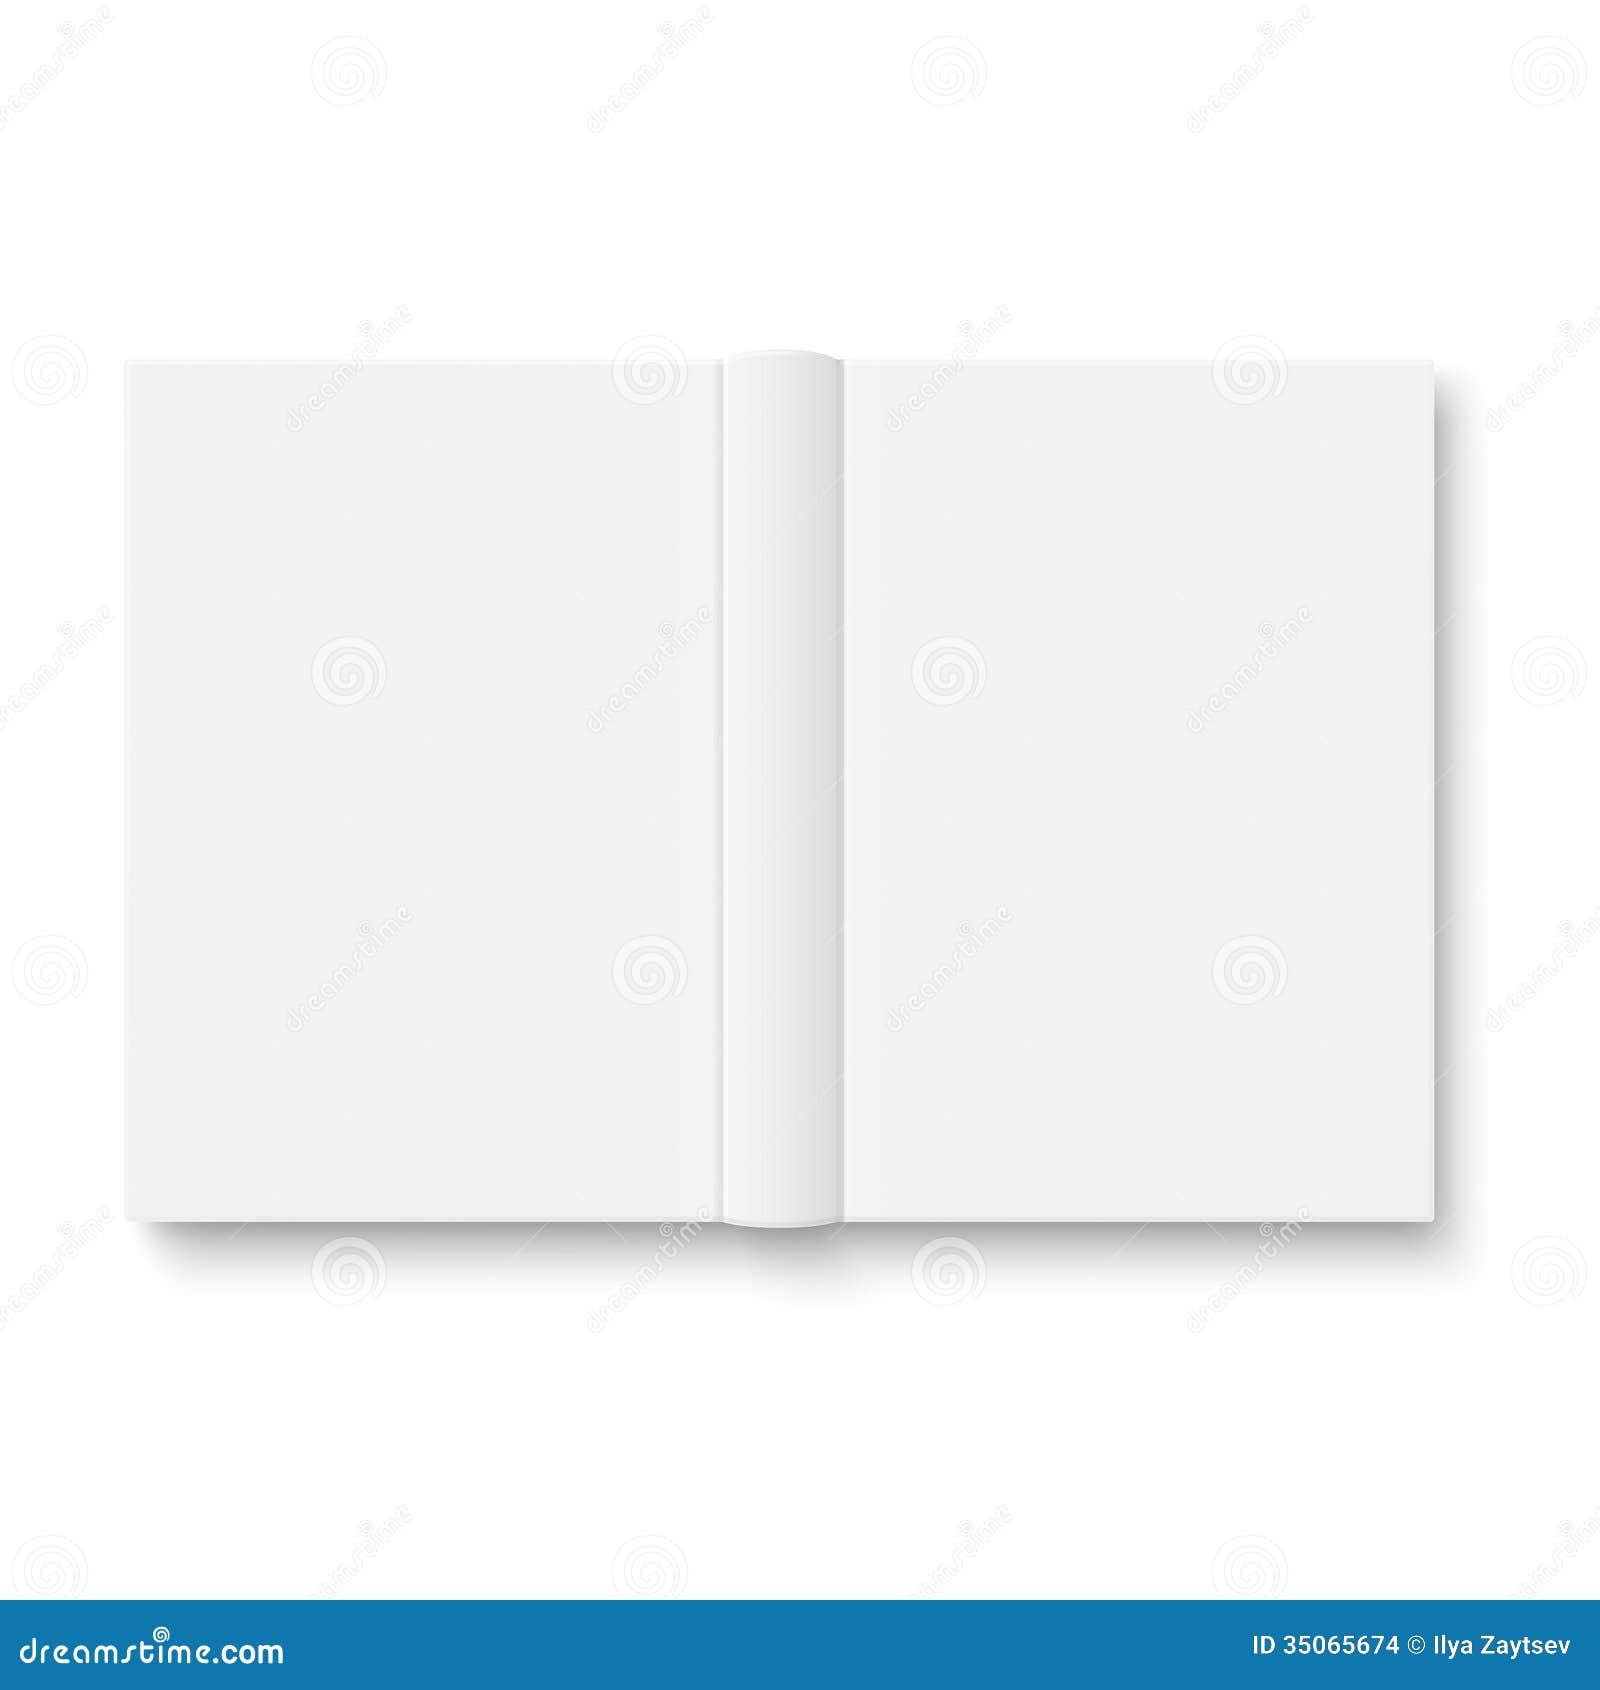 blank book cover template | trattorialeondoro